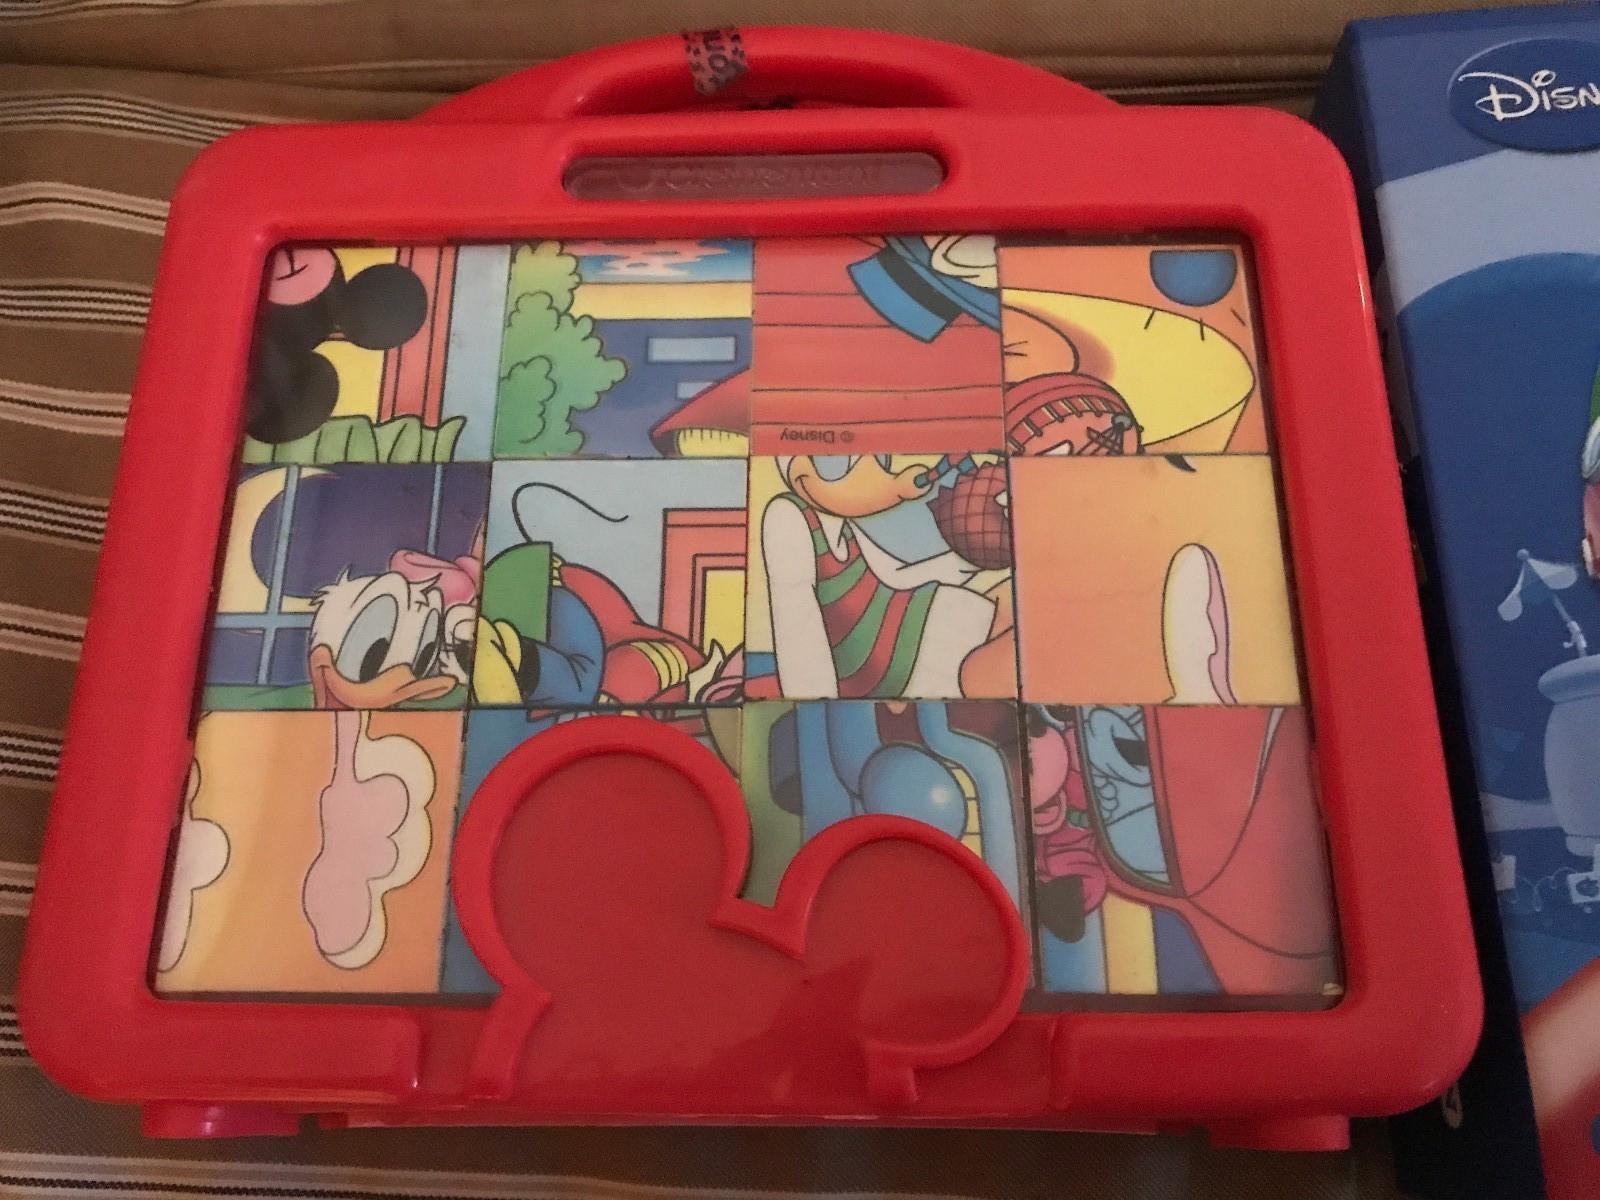 Disney puslespill - Nyborg  - Disney pusleklosser 6 motiv. Motivene er avbildet på esken.  Disney pusleklosser 6 motiv, motivene er på esken. Ole brumm.  Mikke mus klubbhus puslespill trebiter 20 stk.   Selges samlet 250kr - hentes Åsane eller se - Nyborg